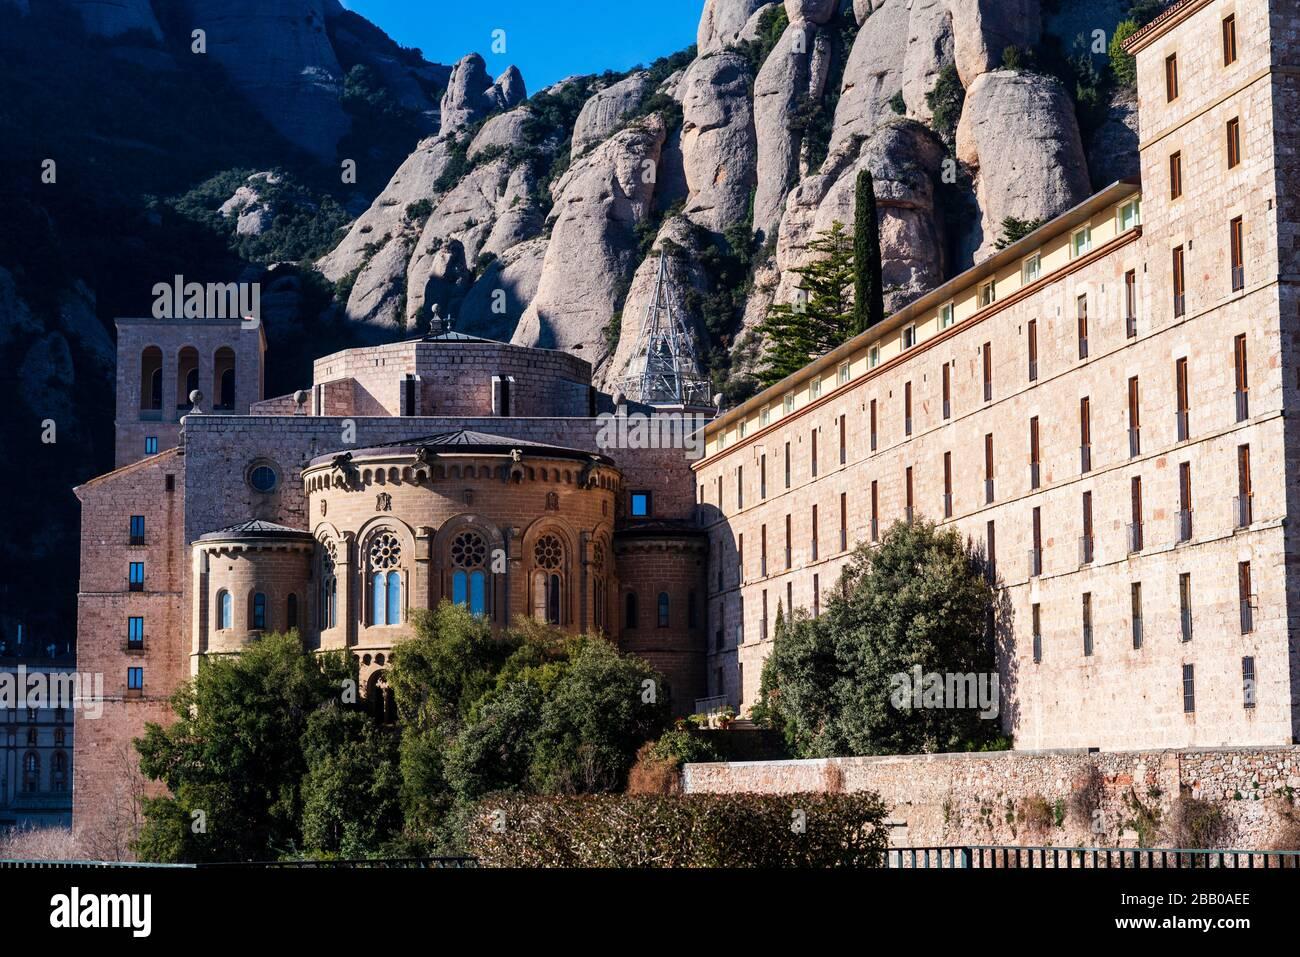 Montagne et basilique de Montserrat, Barcelone, Catalogne, Espagne. Banque D'Images